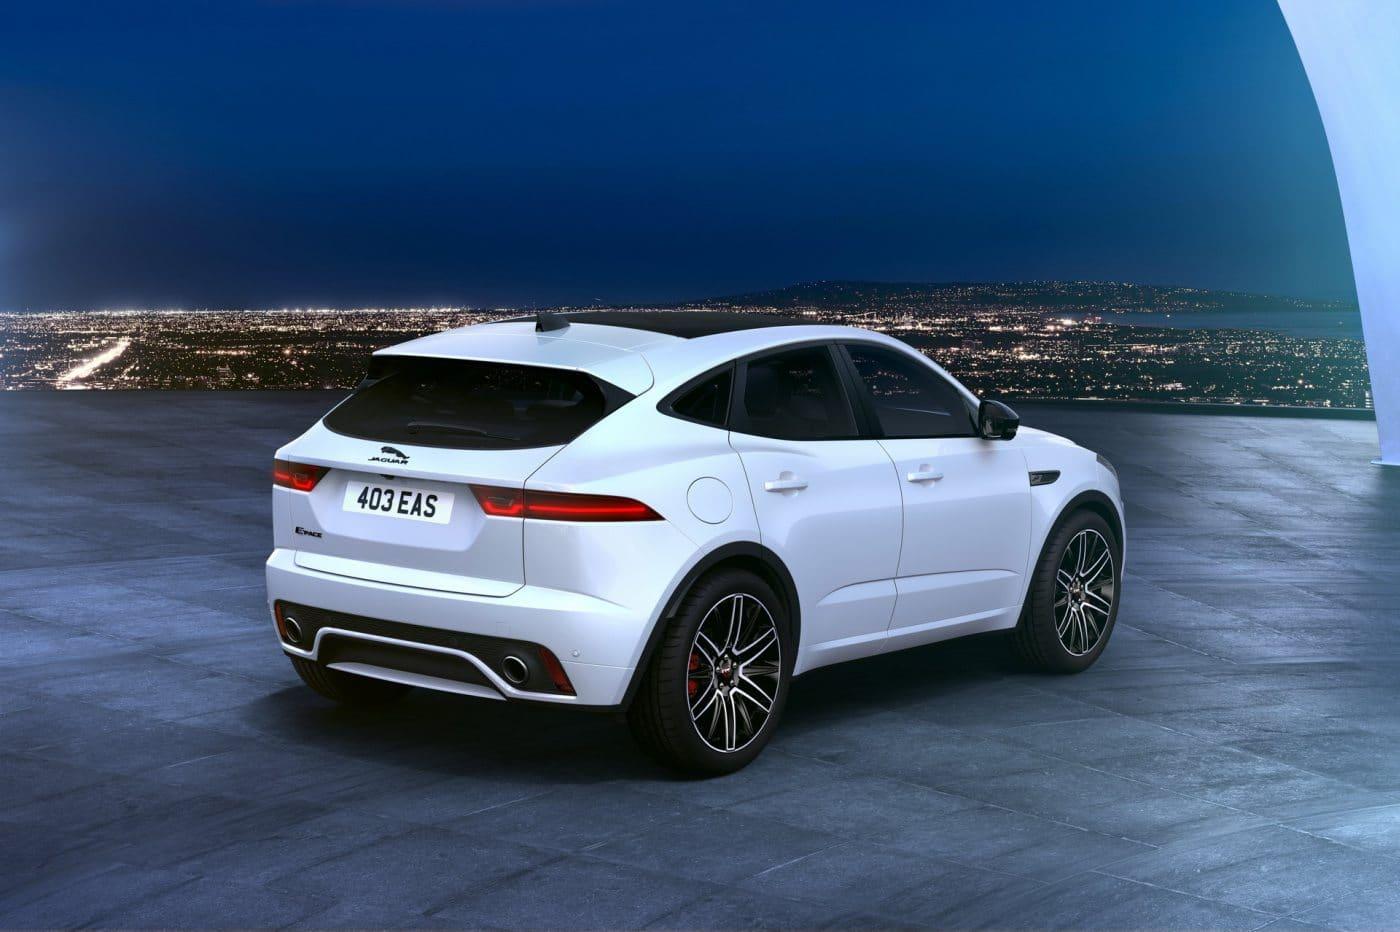 La nueva gama Jaguar será mucho más reducida